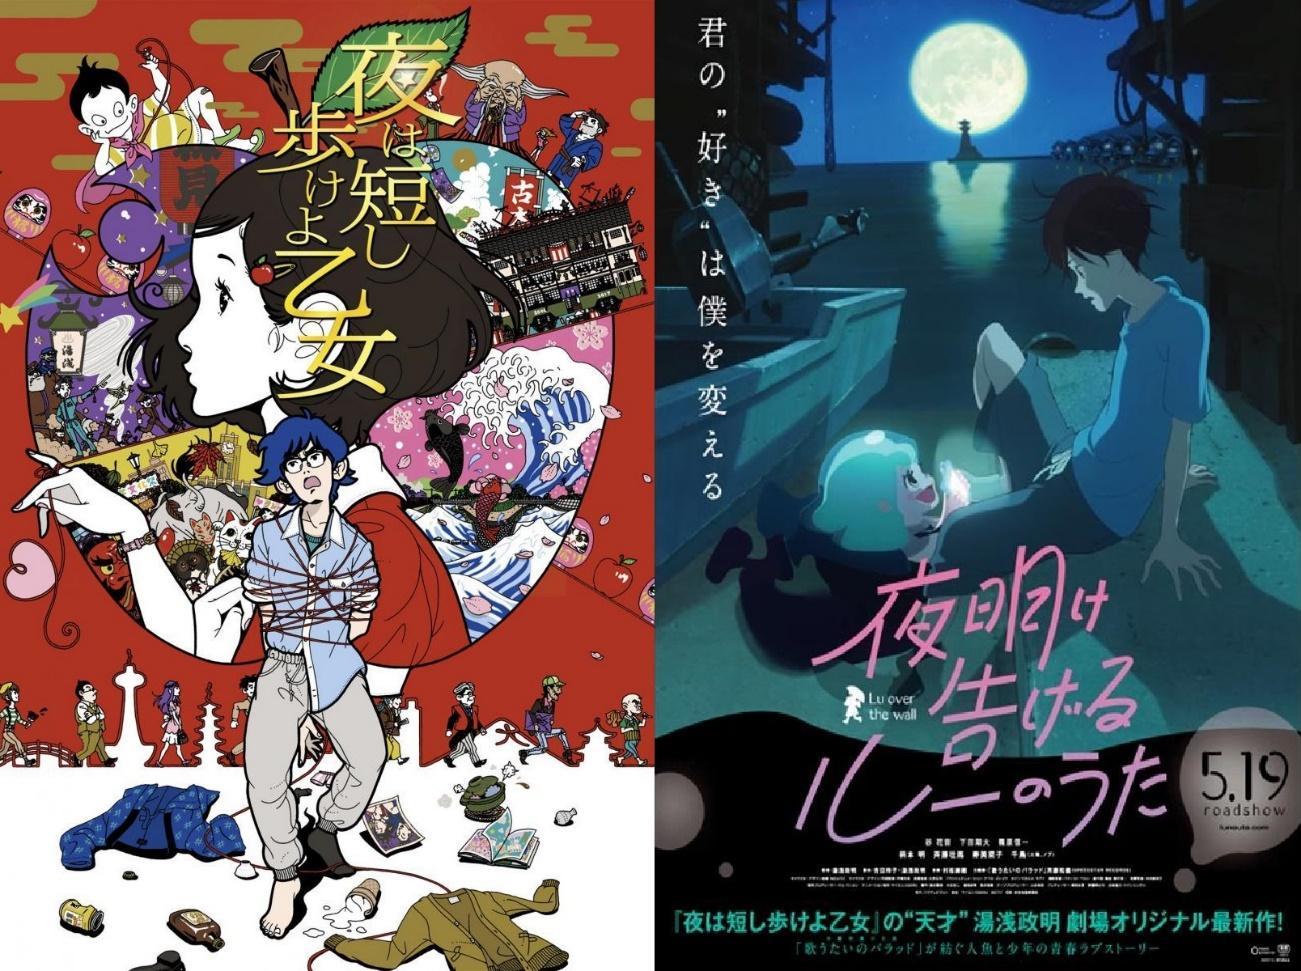 películas-masaaki-yuasa-elcultodelanime